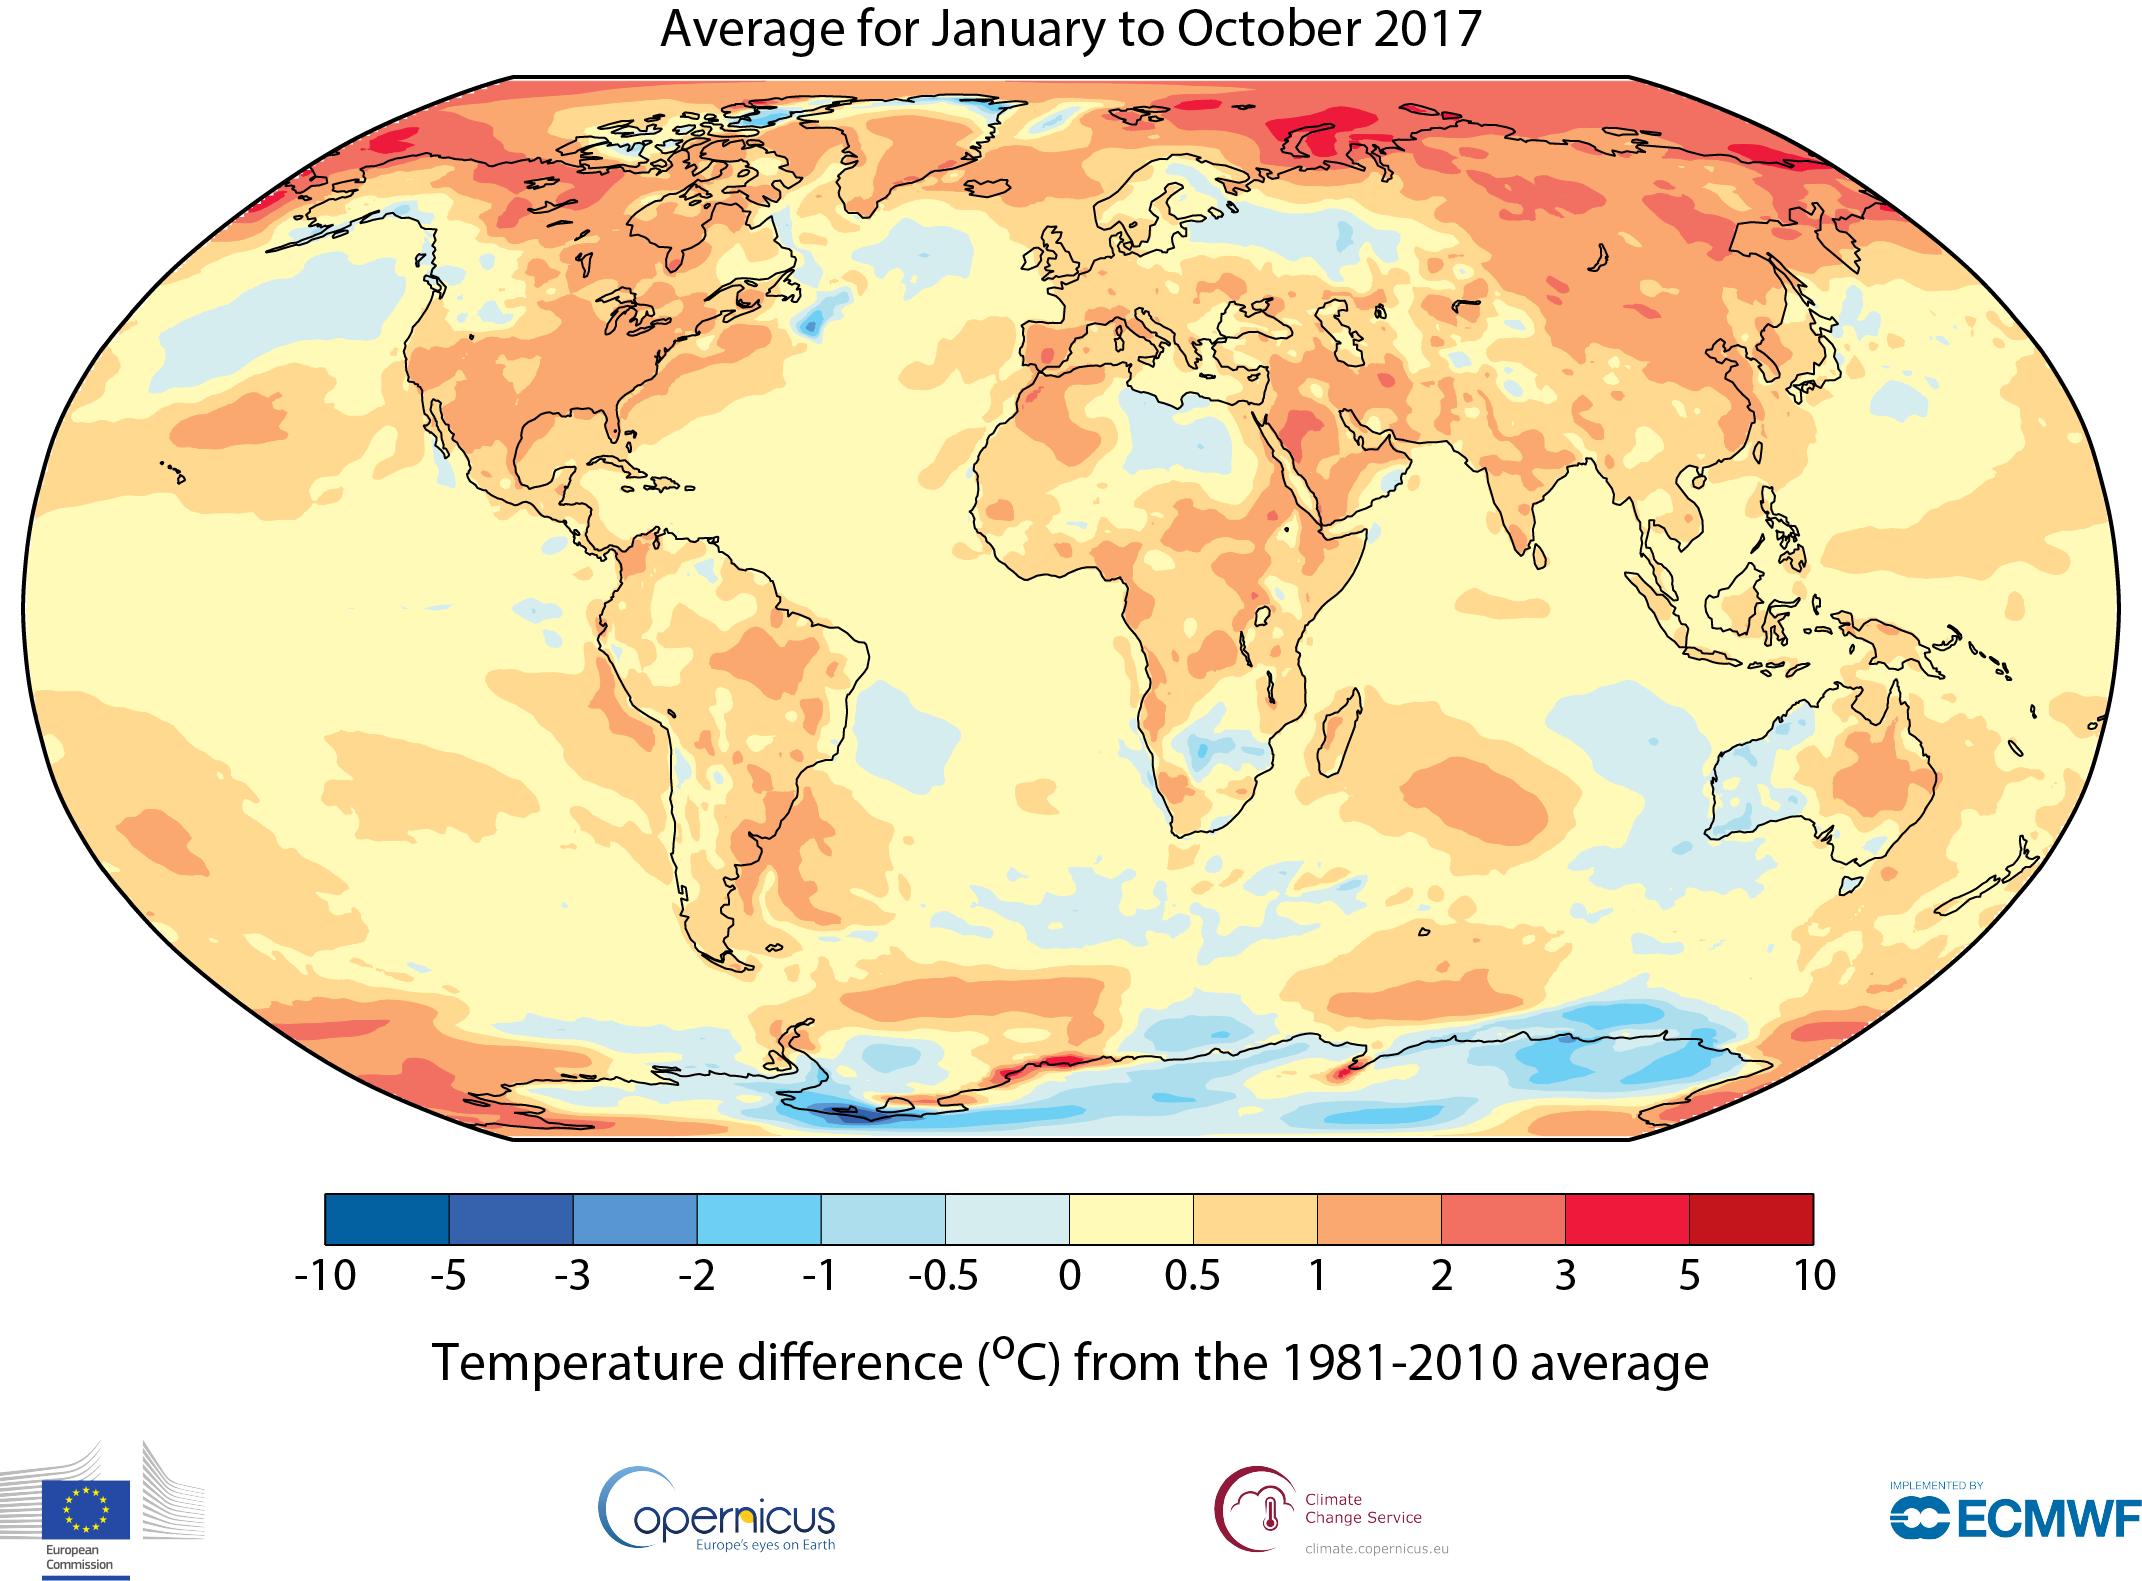 Uruguay ha estado entre 2° y 3° más caliente, respeto a su promedio de los últimos años.